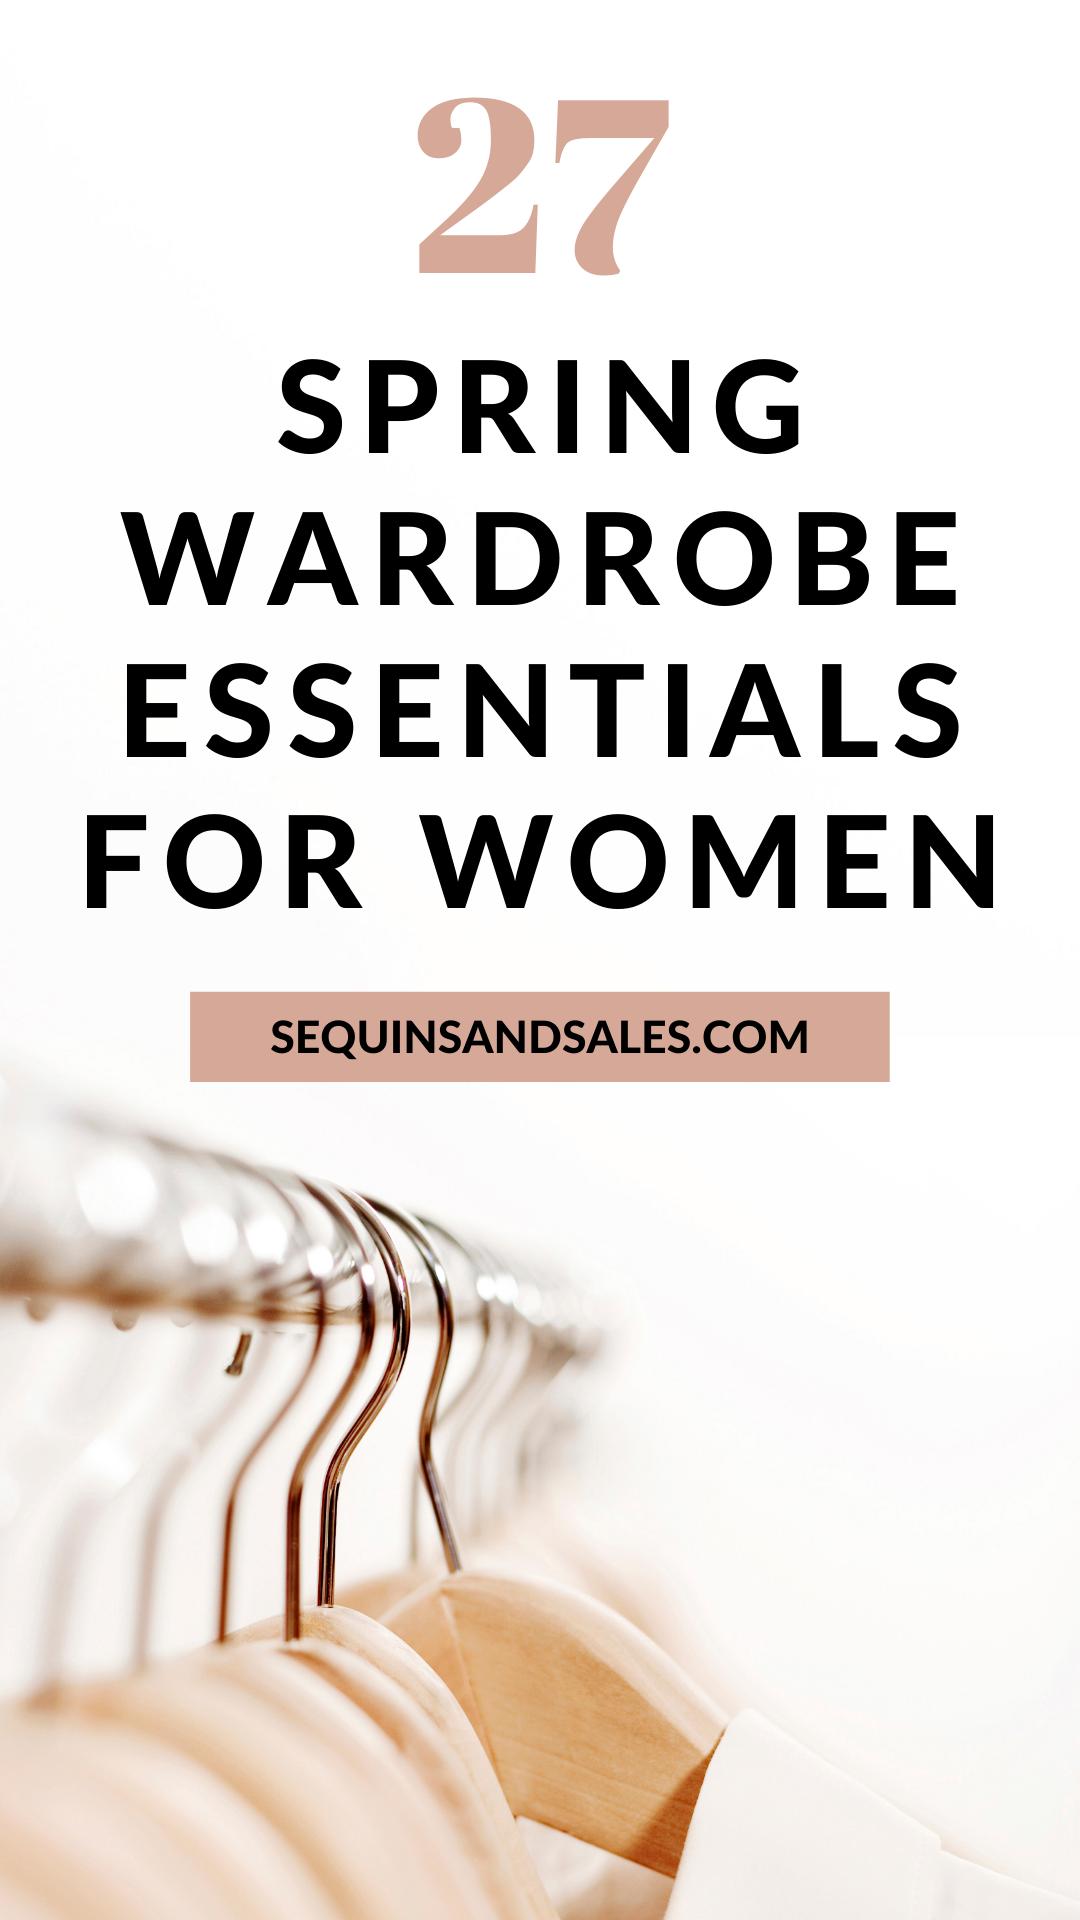 27 Spring Wardrobe Essentials for Women